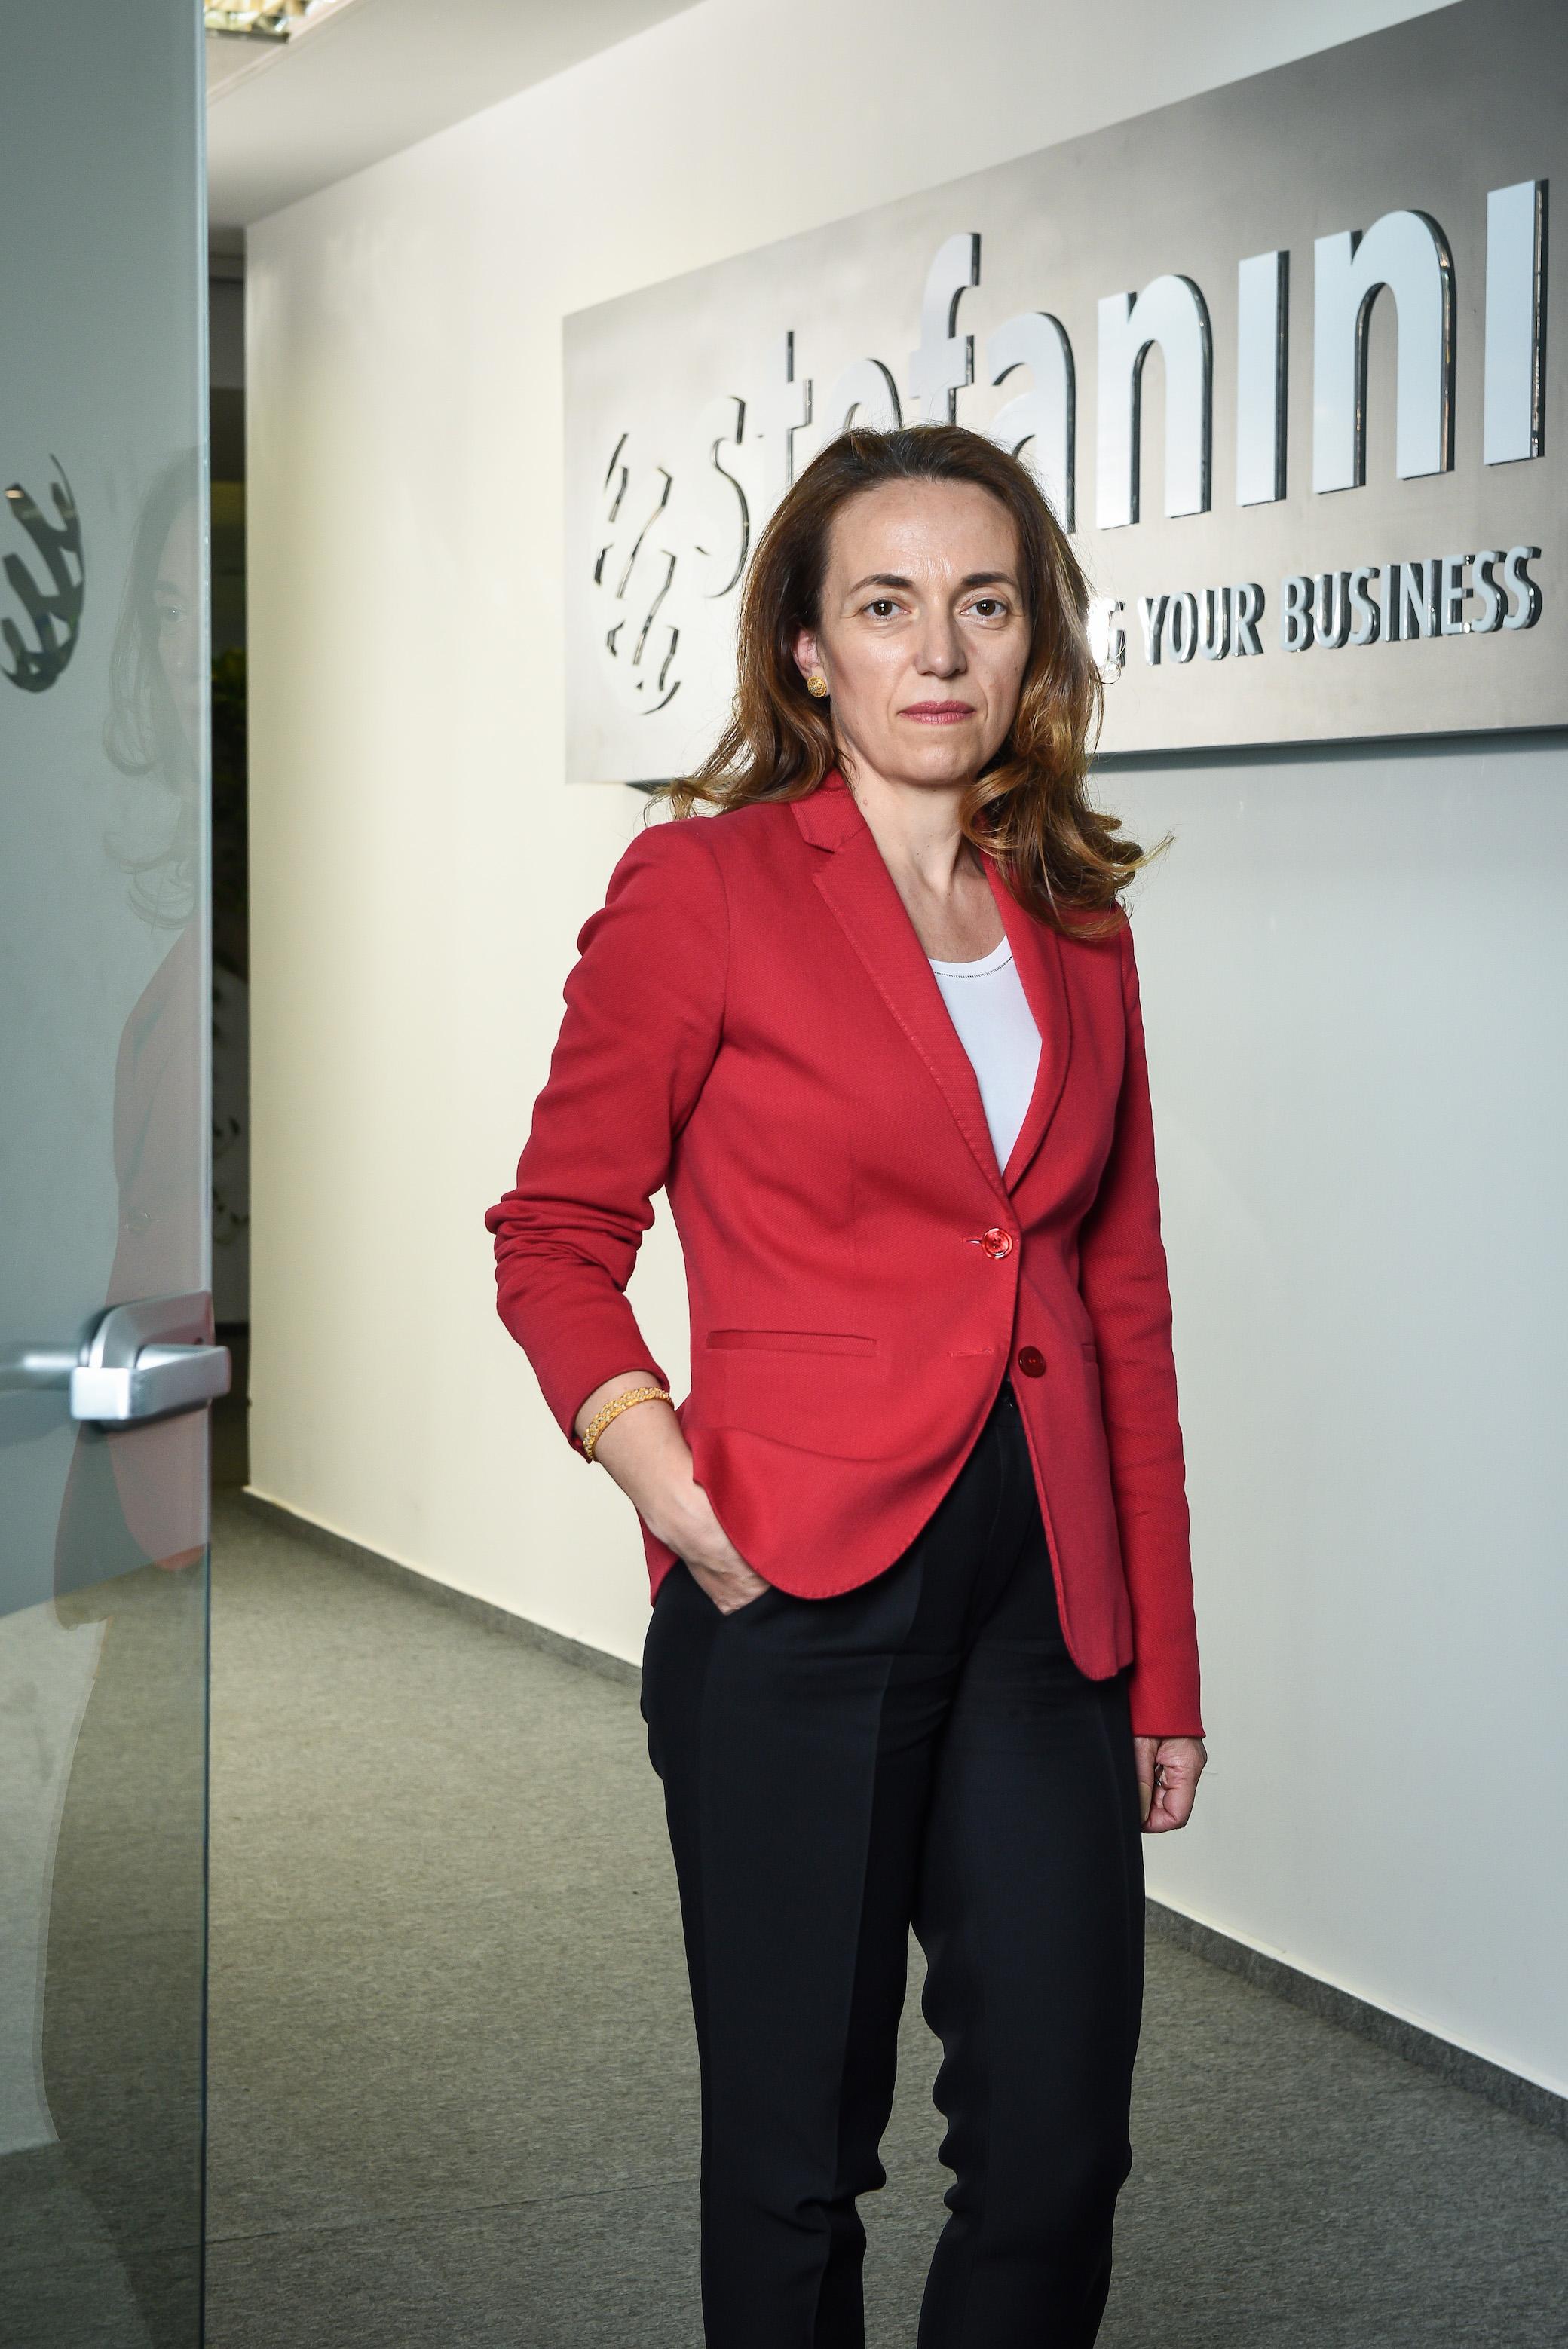 Andreea Stănescu, Stefanini: Avem o creștere de 2 cifre, atât în România, cât și în regiune